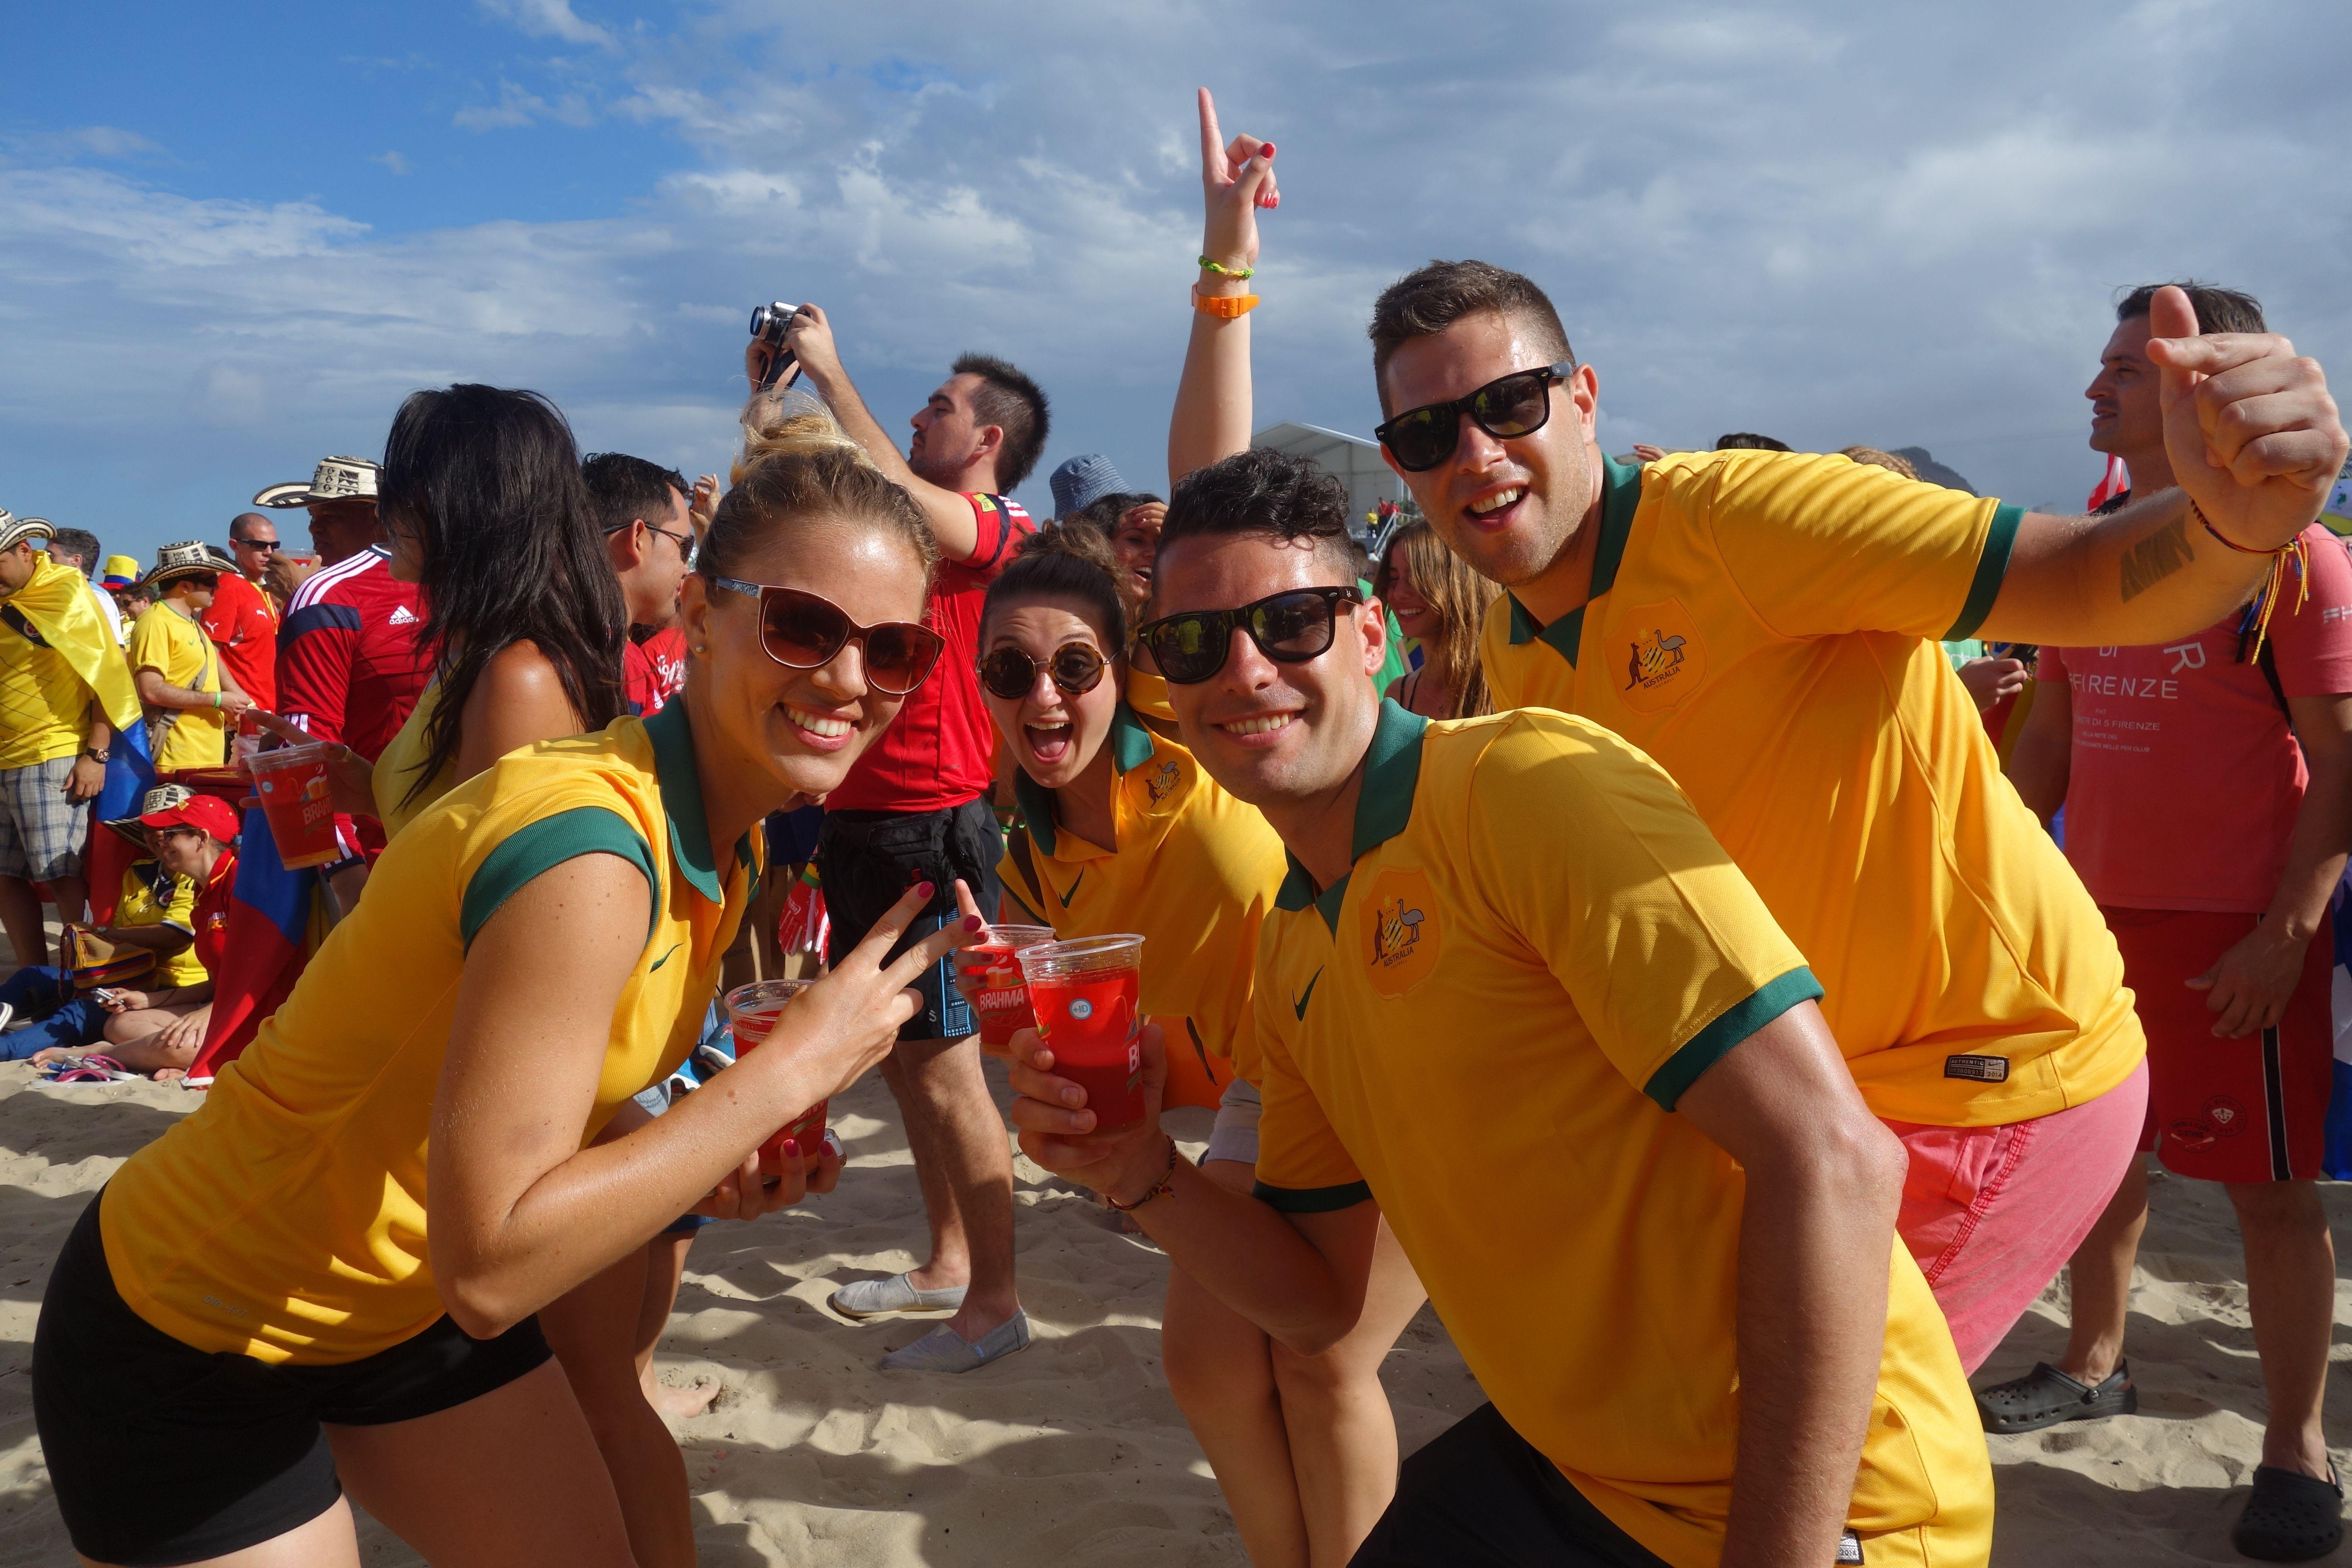 COUPE DU MONDE BRESIL 2014: Plage de Copacabana avec des Australiens en nombres.